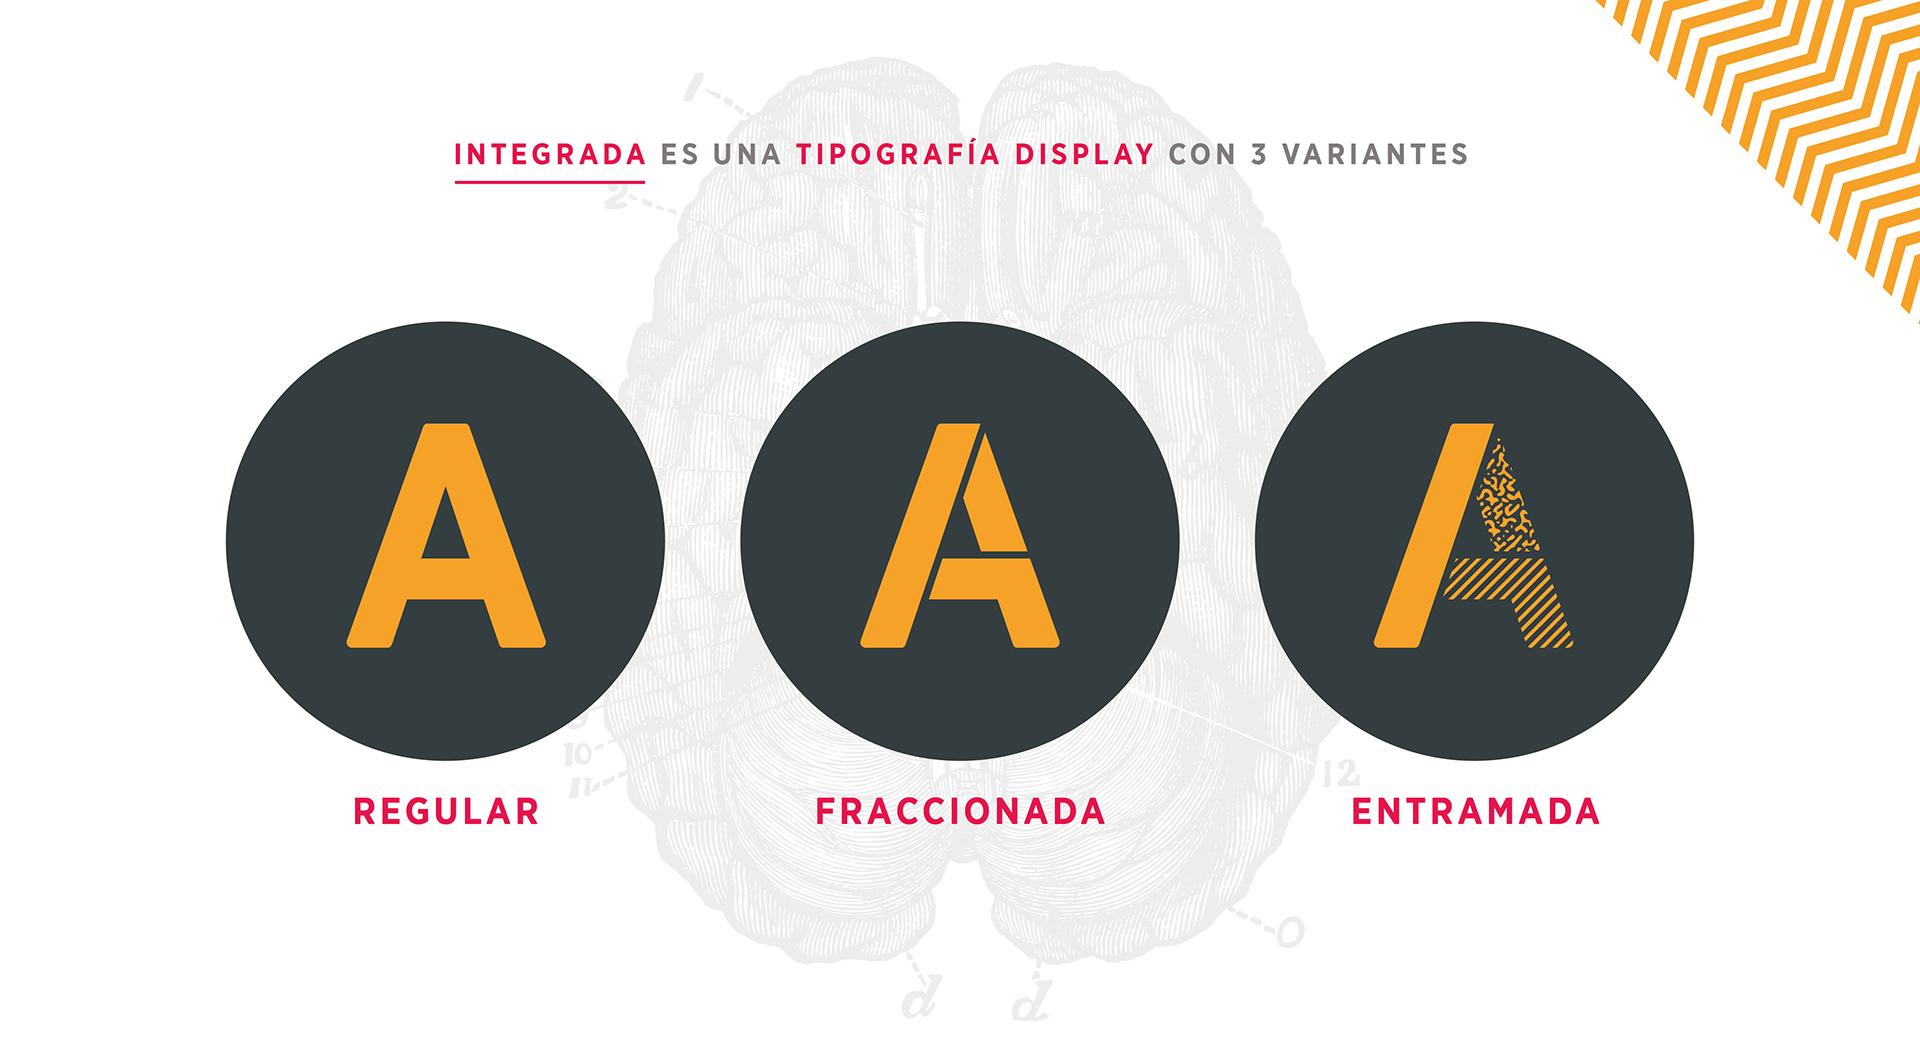 INTEGRADA font example image 3